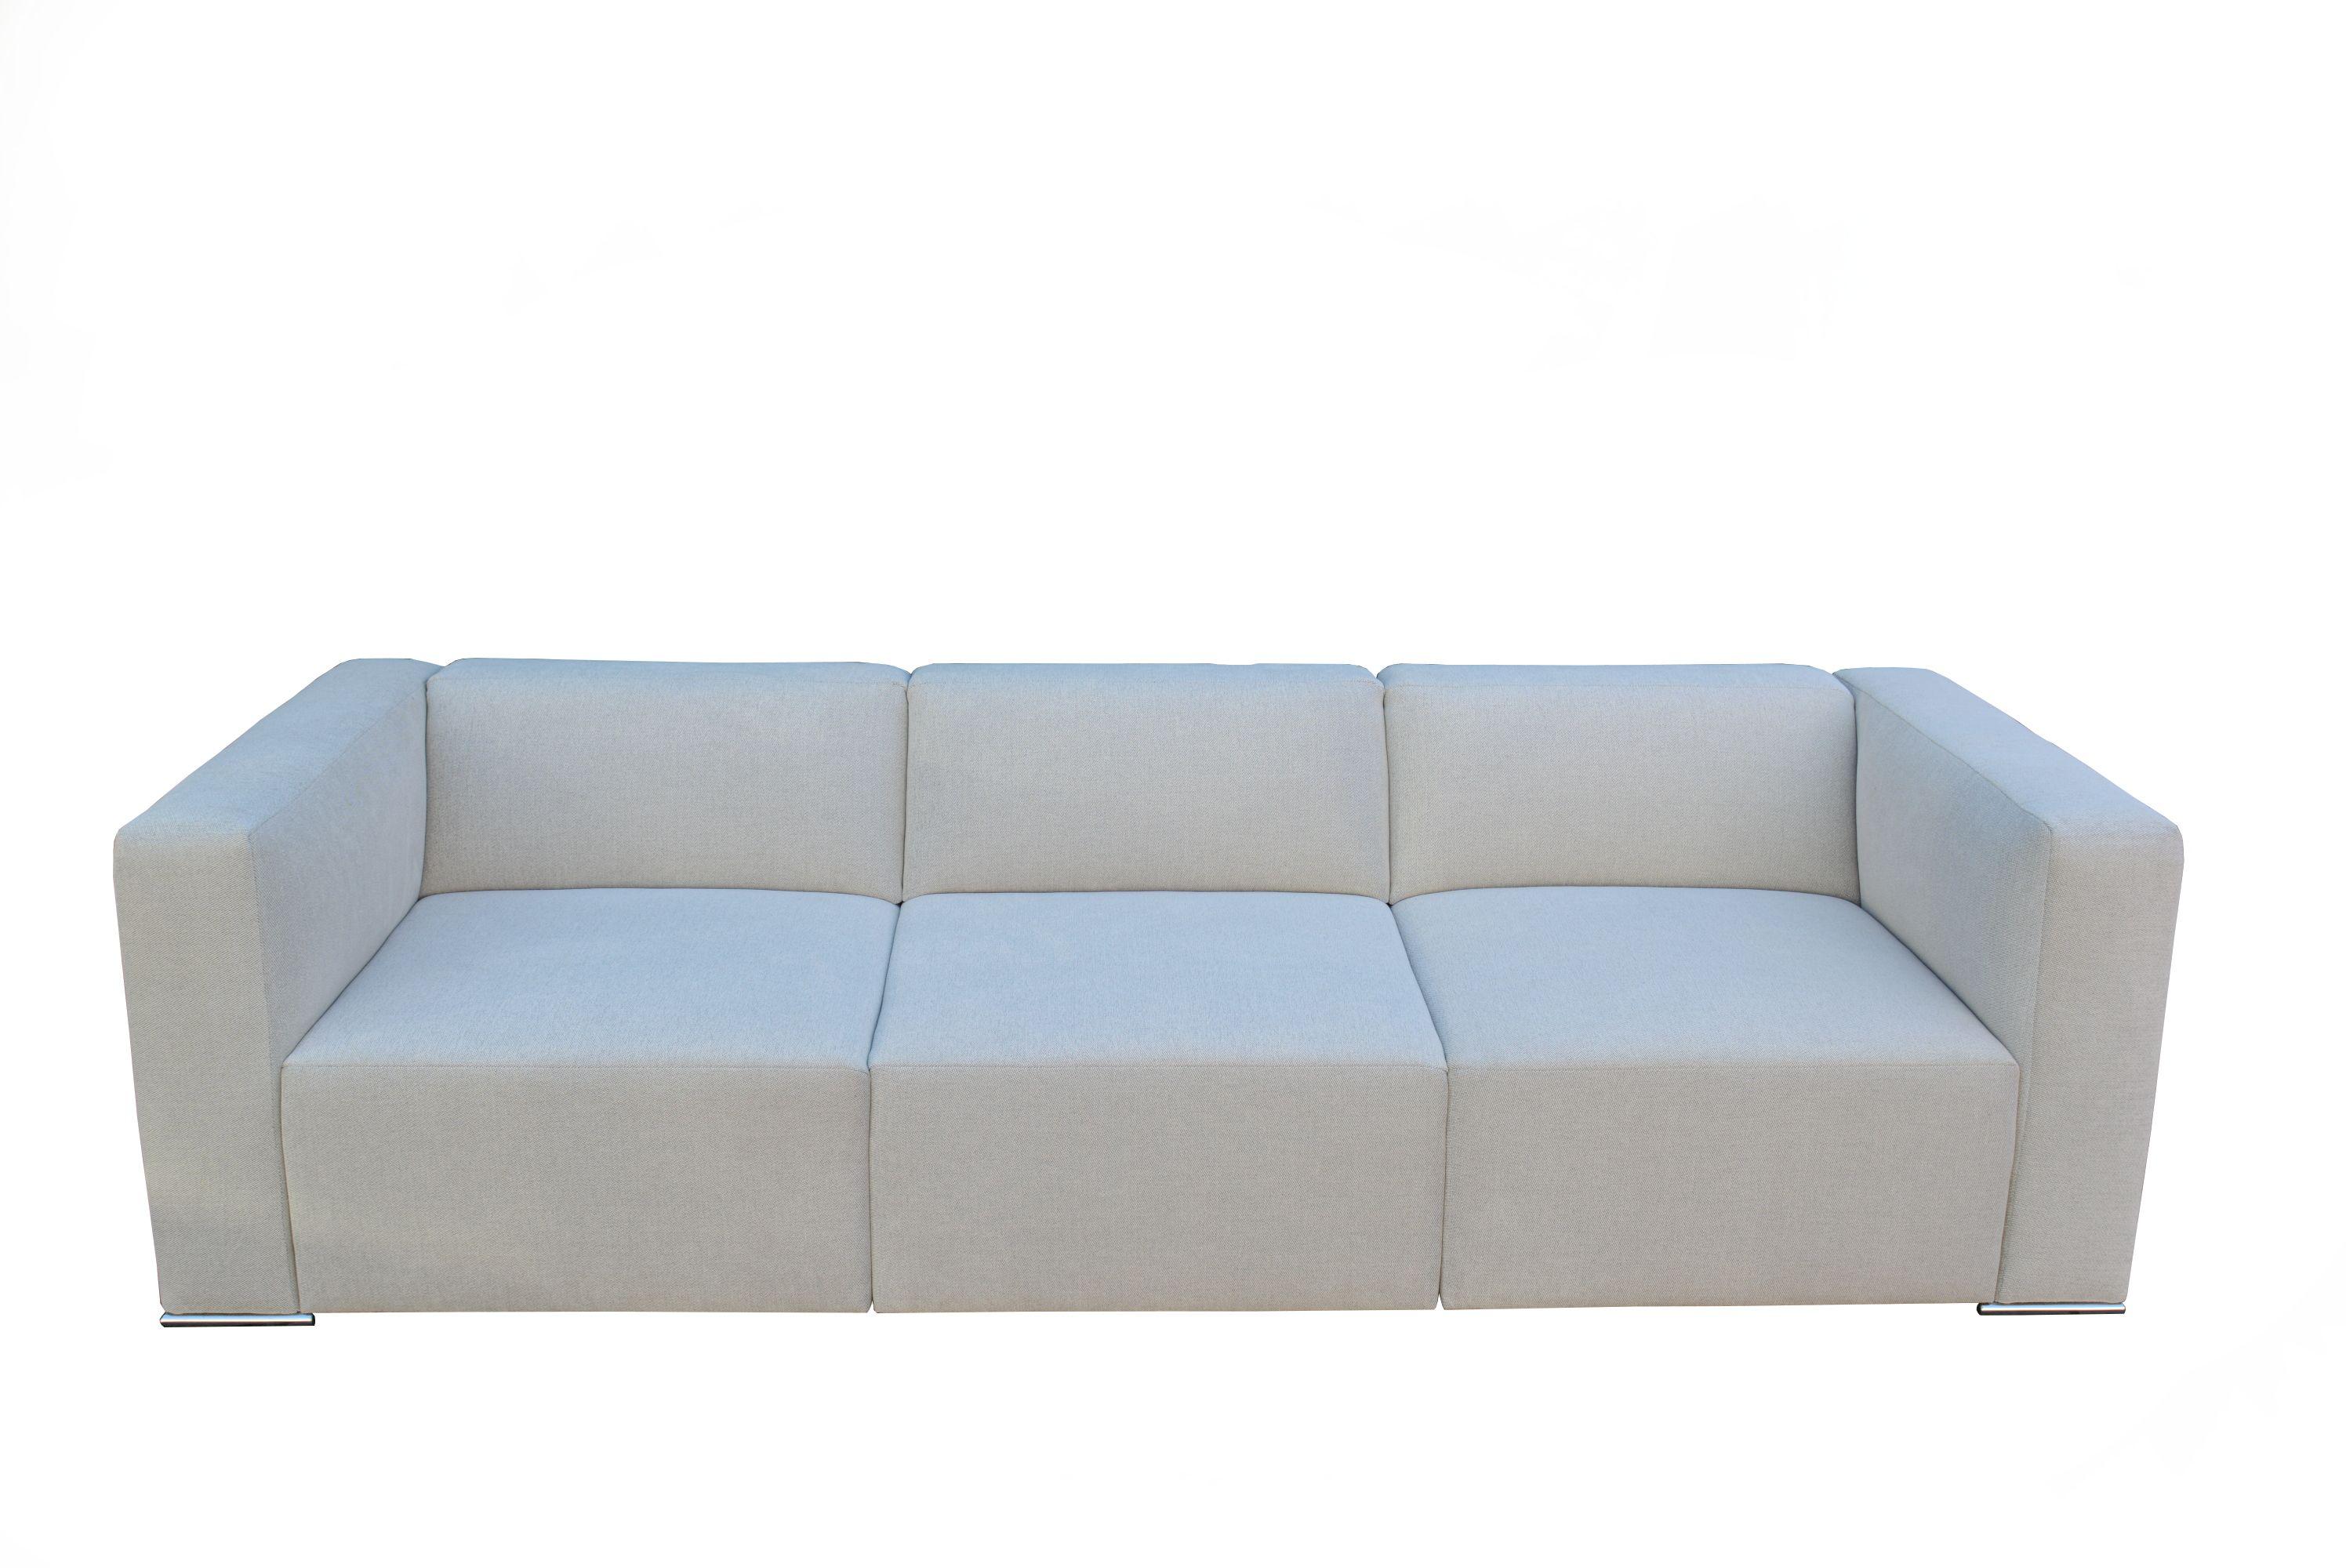 Velutto Git Furniture Sofa Home Decor